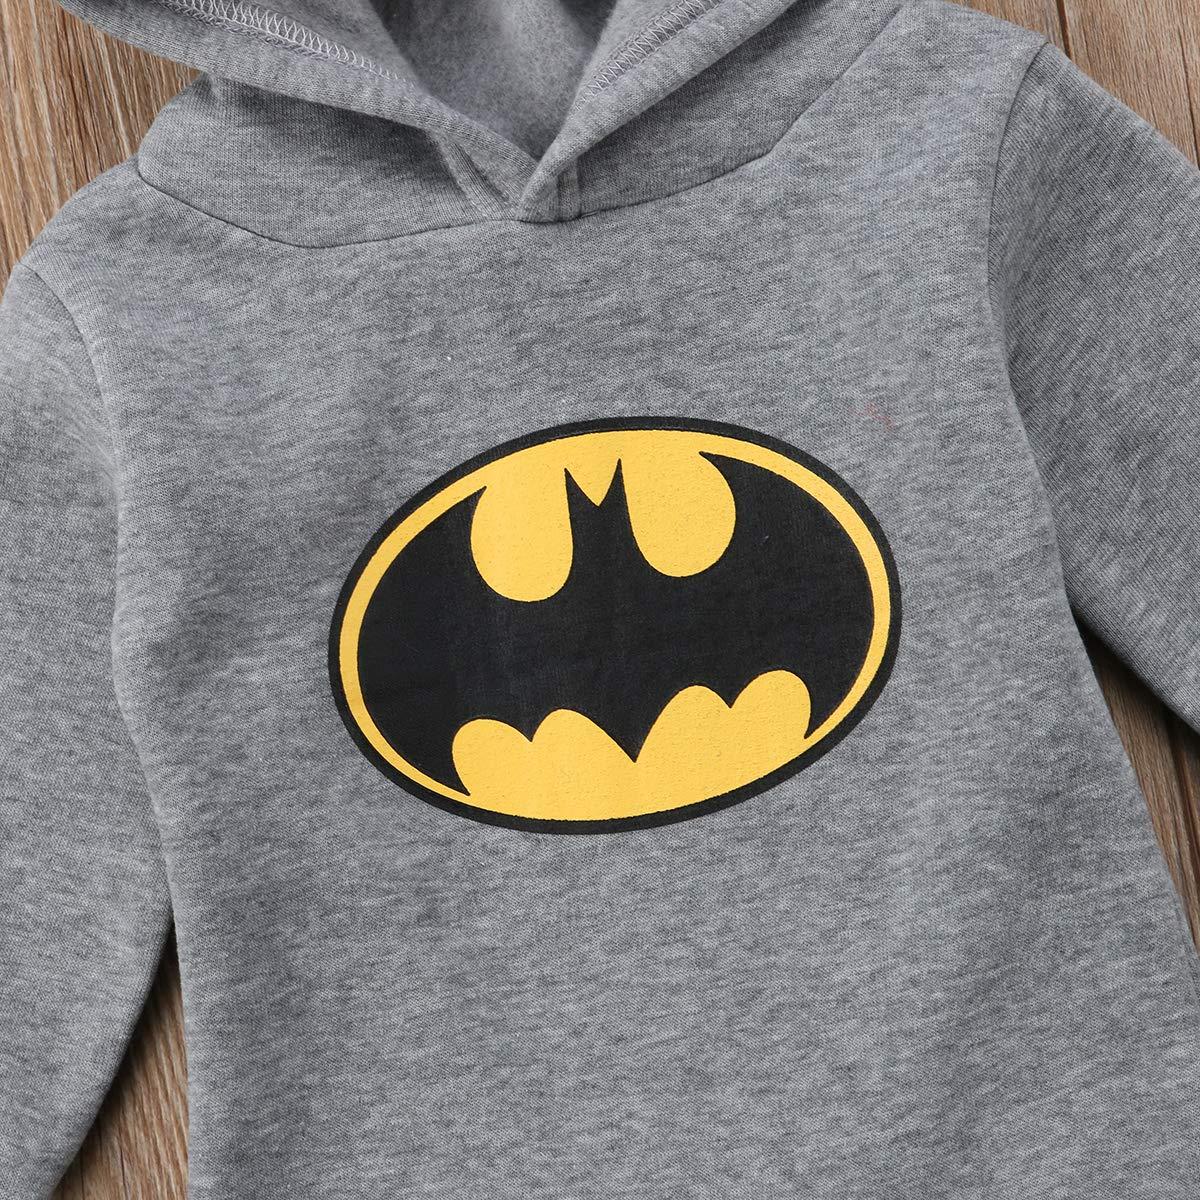 Baby-Strampler f/ür Jungen Kleidung f/ür Neugeborene Einteiler lang/ärmelig 0-24 Monate Batman mit Kapuze